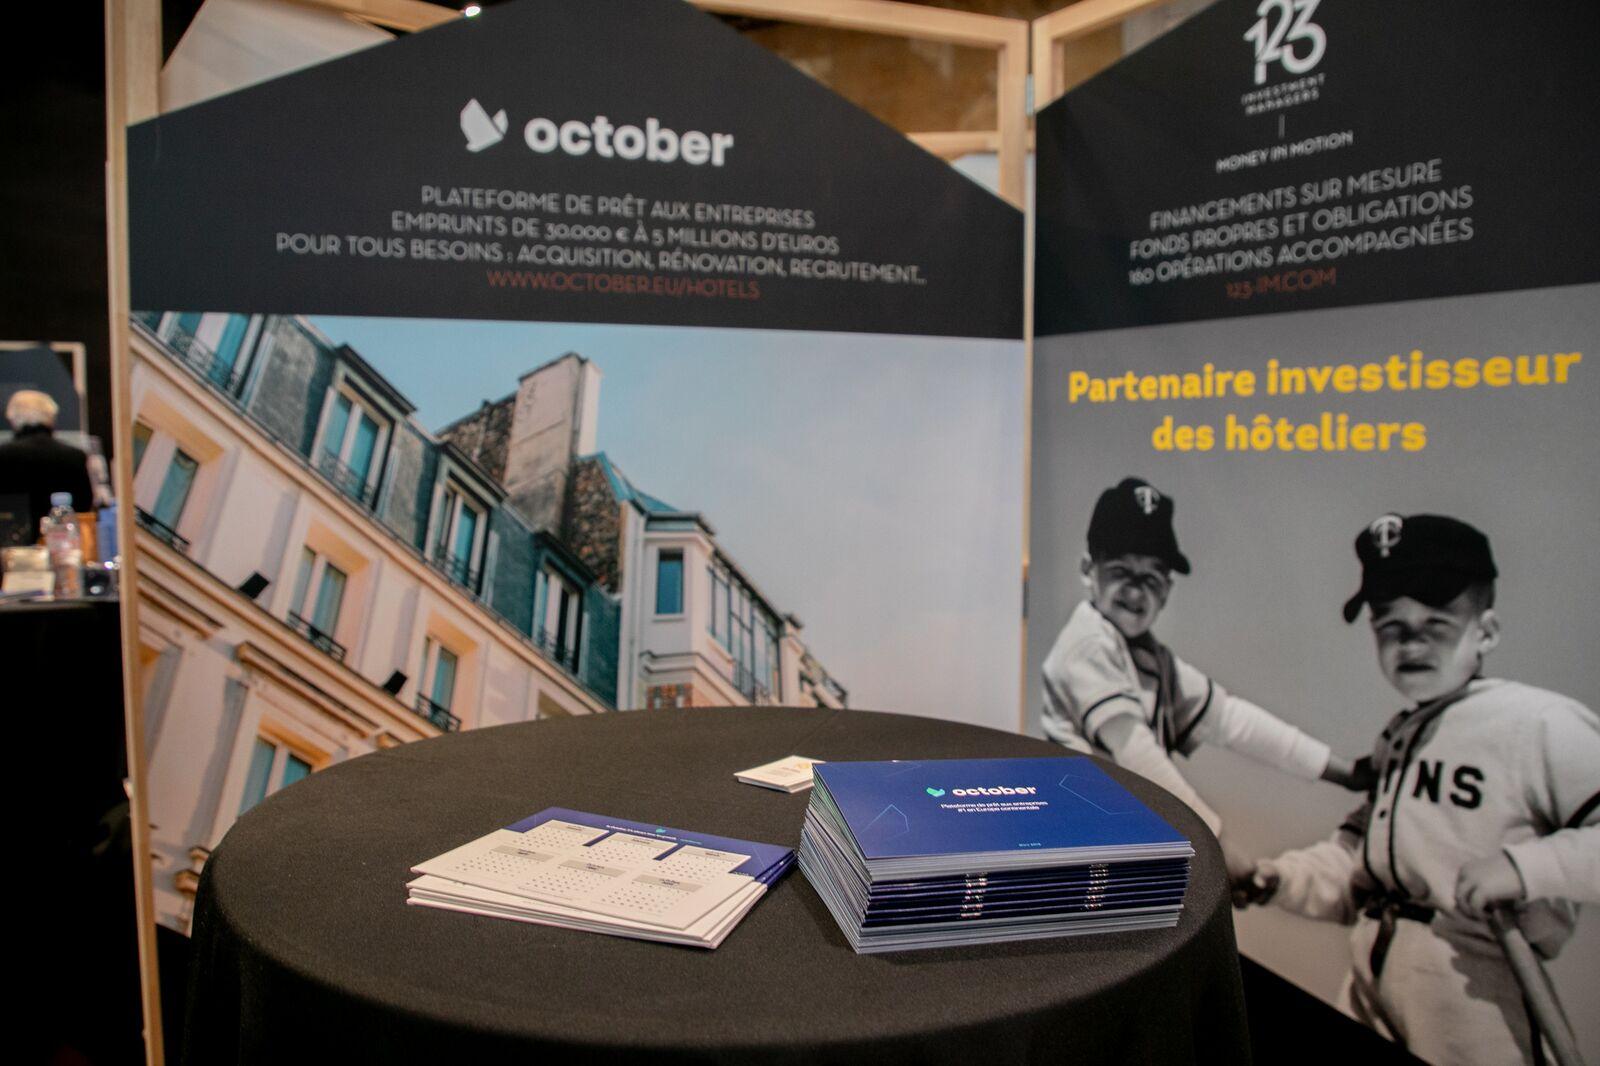 October présent aux Hôtel & Lodge Business Meetings & Awards